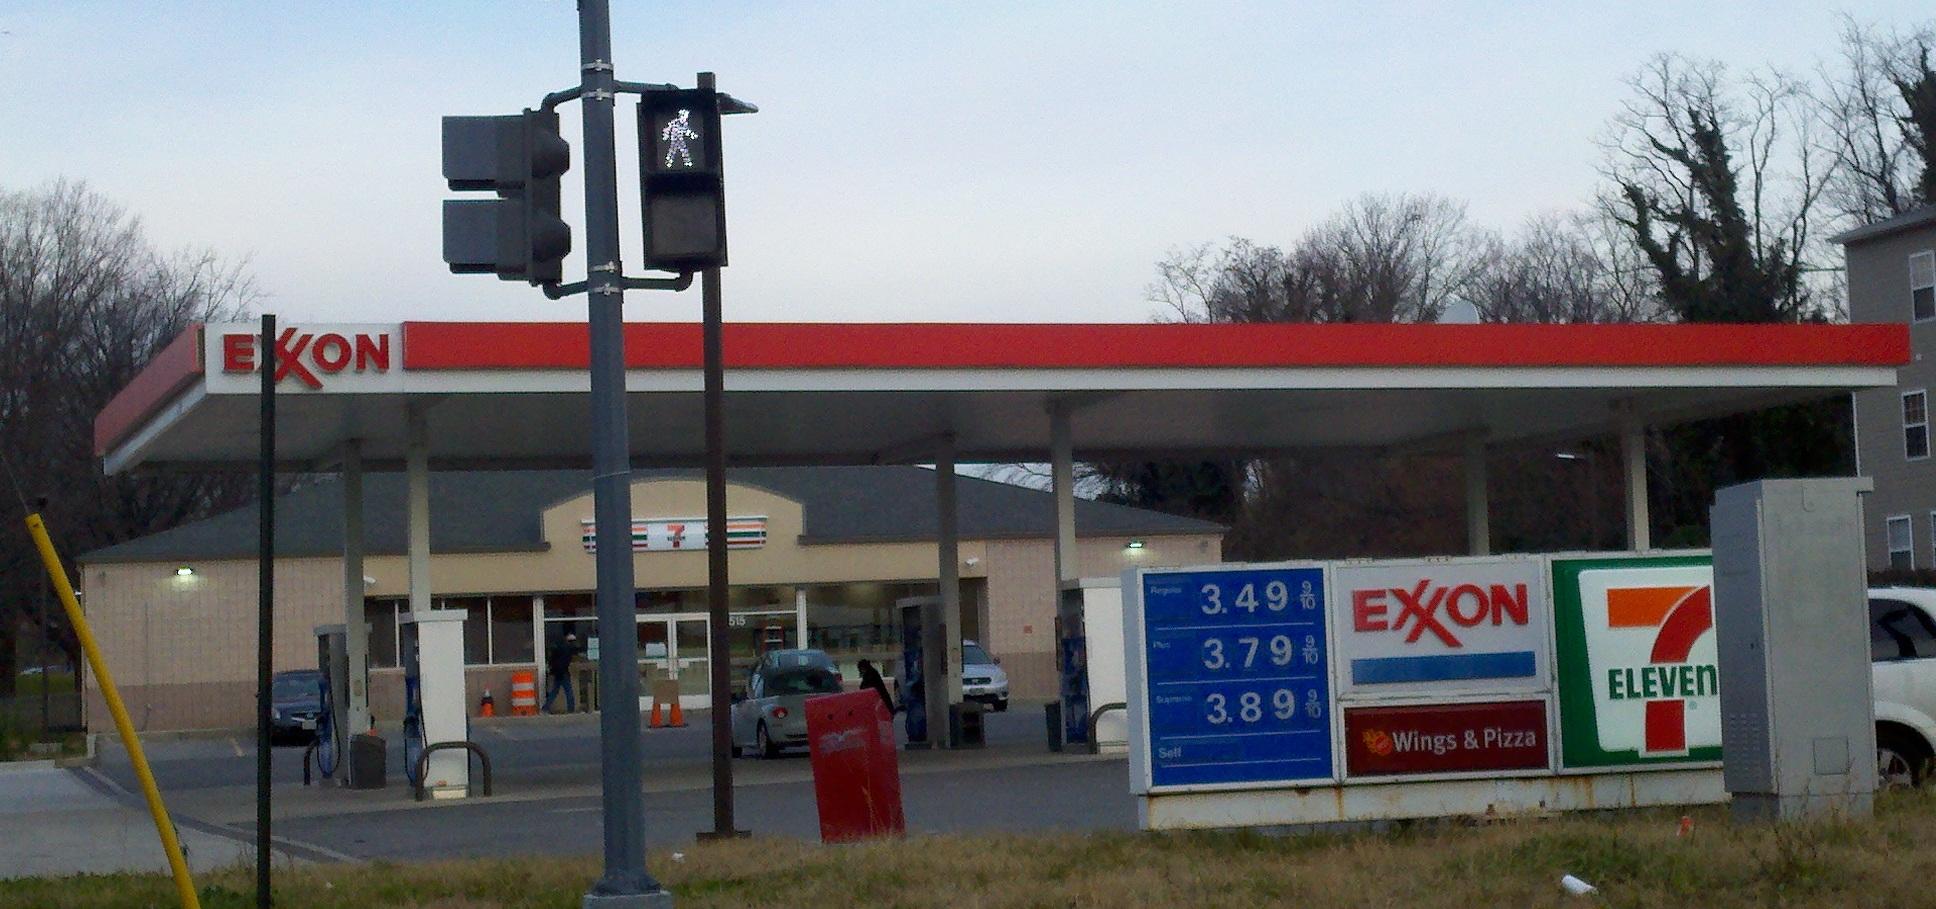 Exxon 7 Eleven After Shot